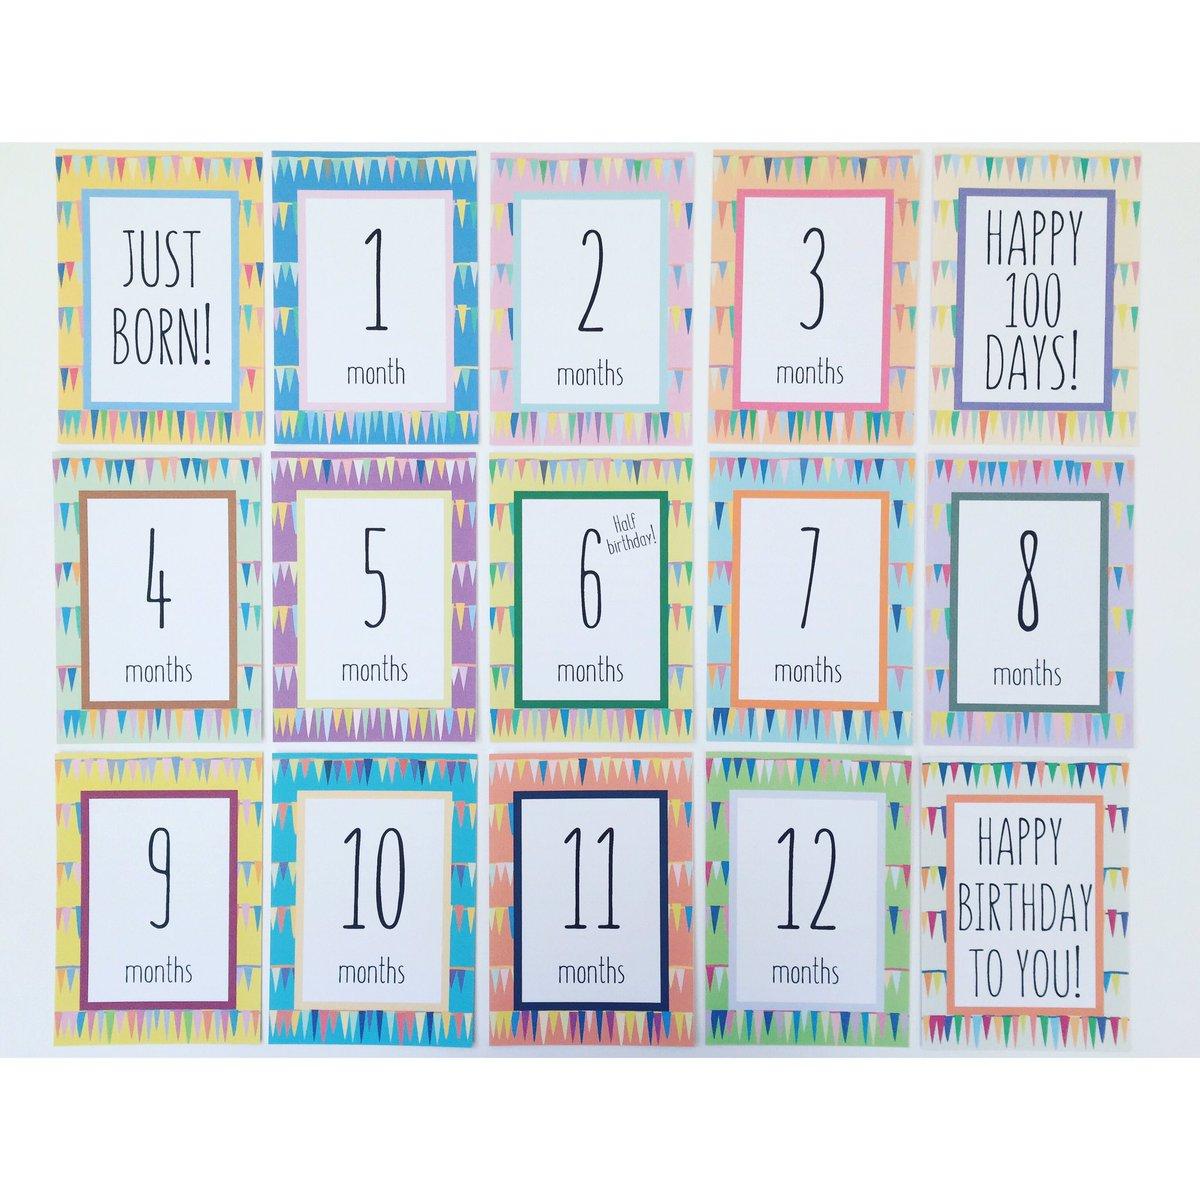 カード 手作り マンスリー インスタで話題!「月齢カード」の簡単な作り方を紹介!おしゃれに赤ちゃんの写真を残そう